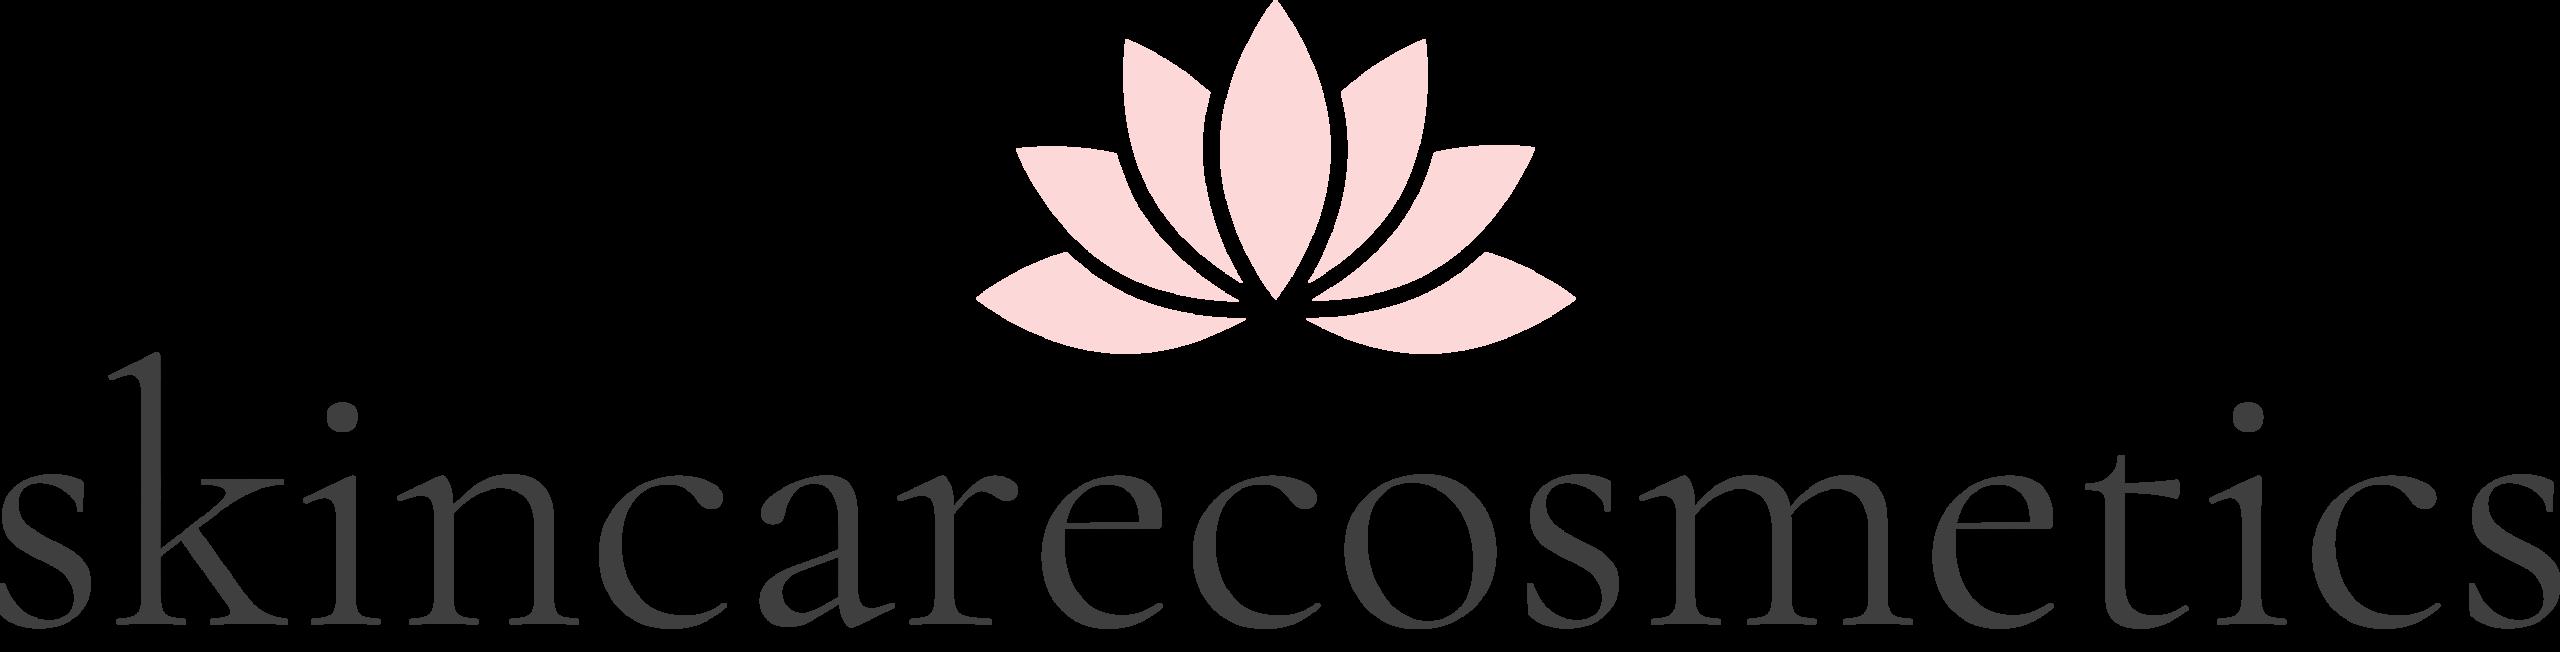 Skincarecosmetics.ch - Hochwertige Kosmetikprodukte Online